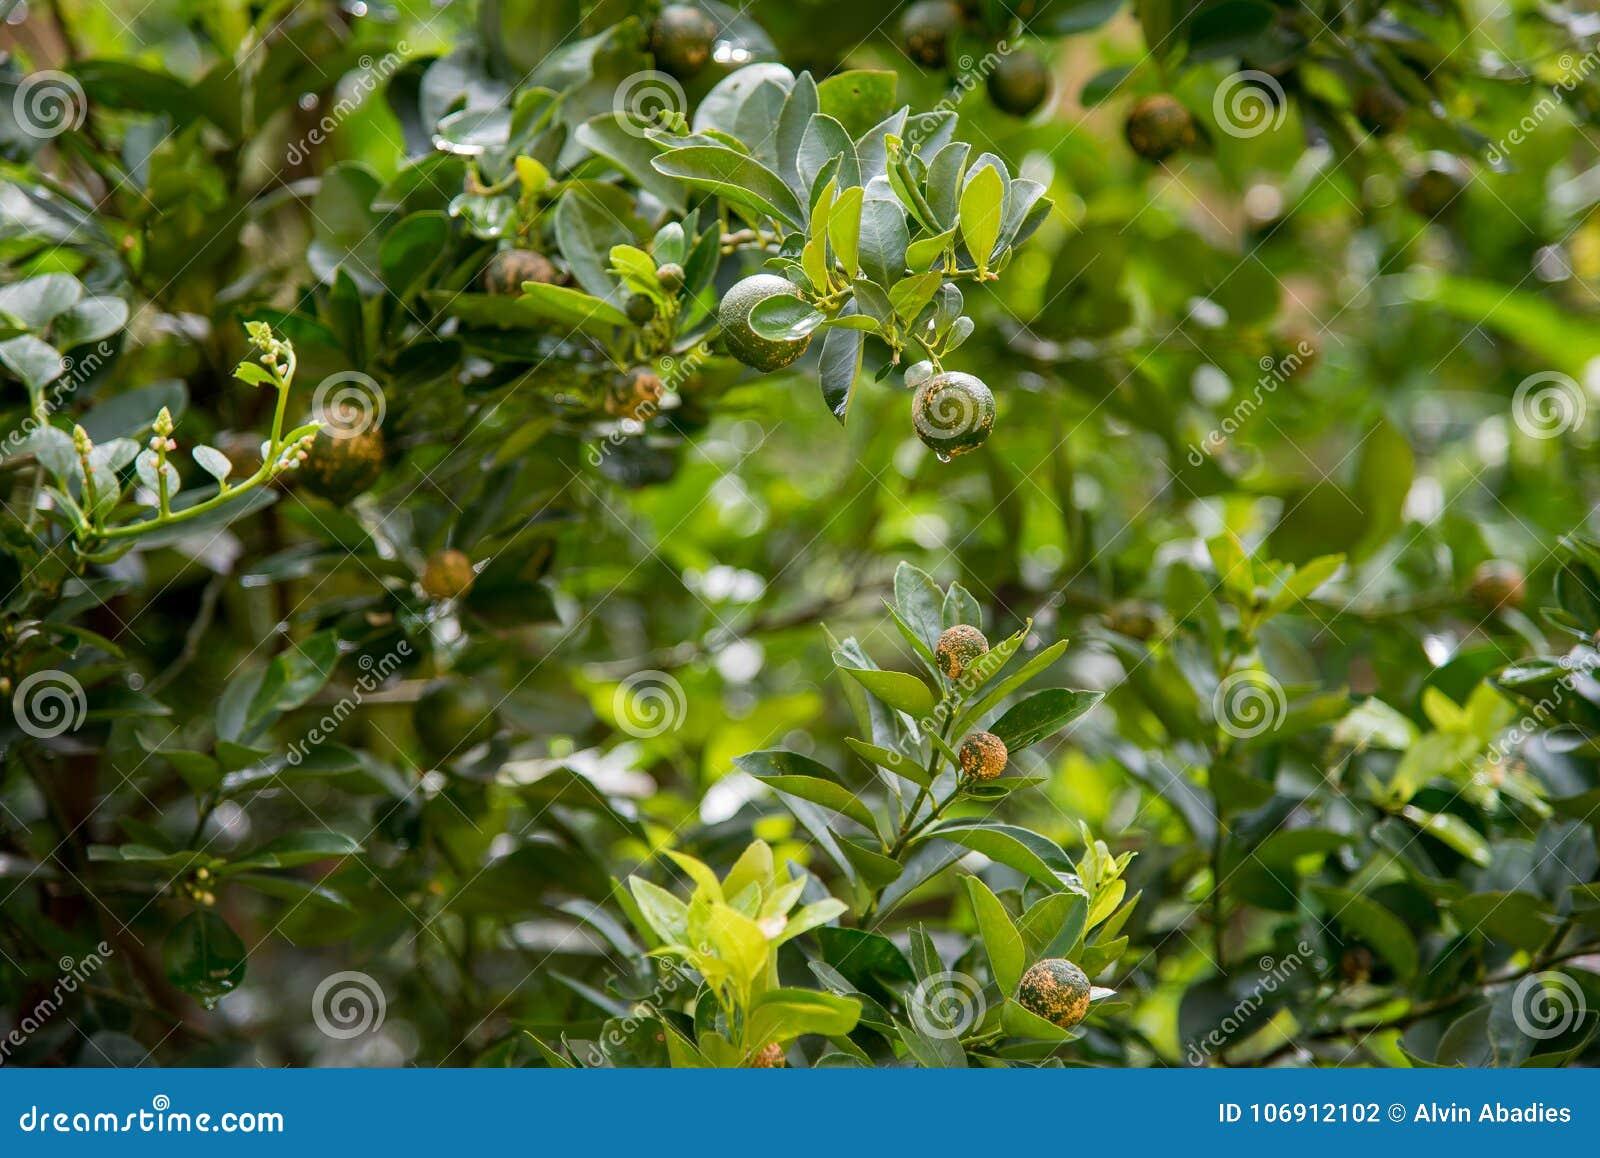 Książka botaniczne reprodukcji rocznik drzewa cytrynowe